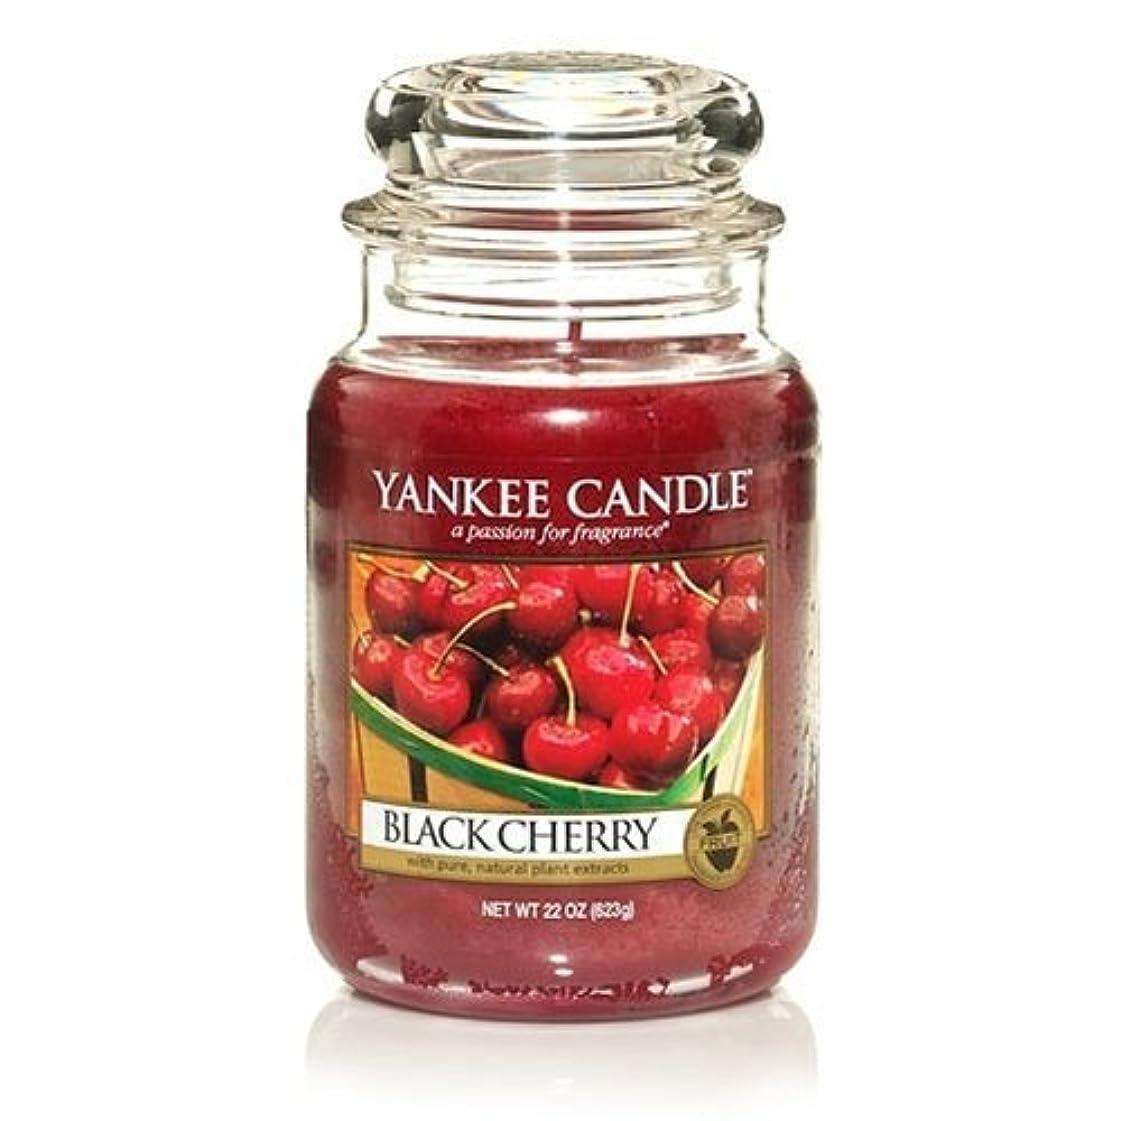 覚醒意欲キャロラインYankee Candle Large Black Cherry Jar Candle 1129749 by Yankee Candle [並行輸入品]